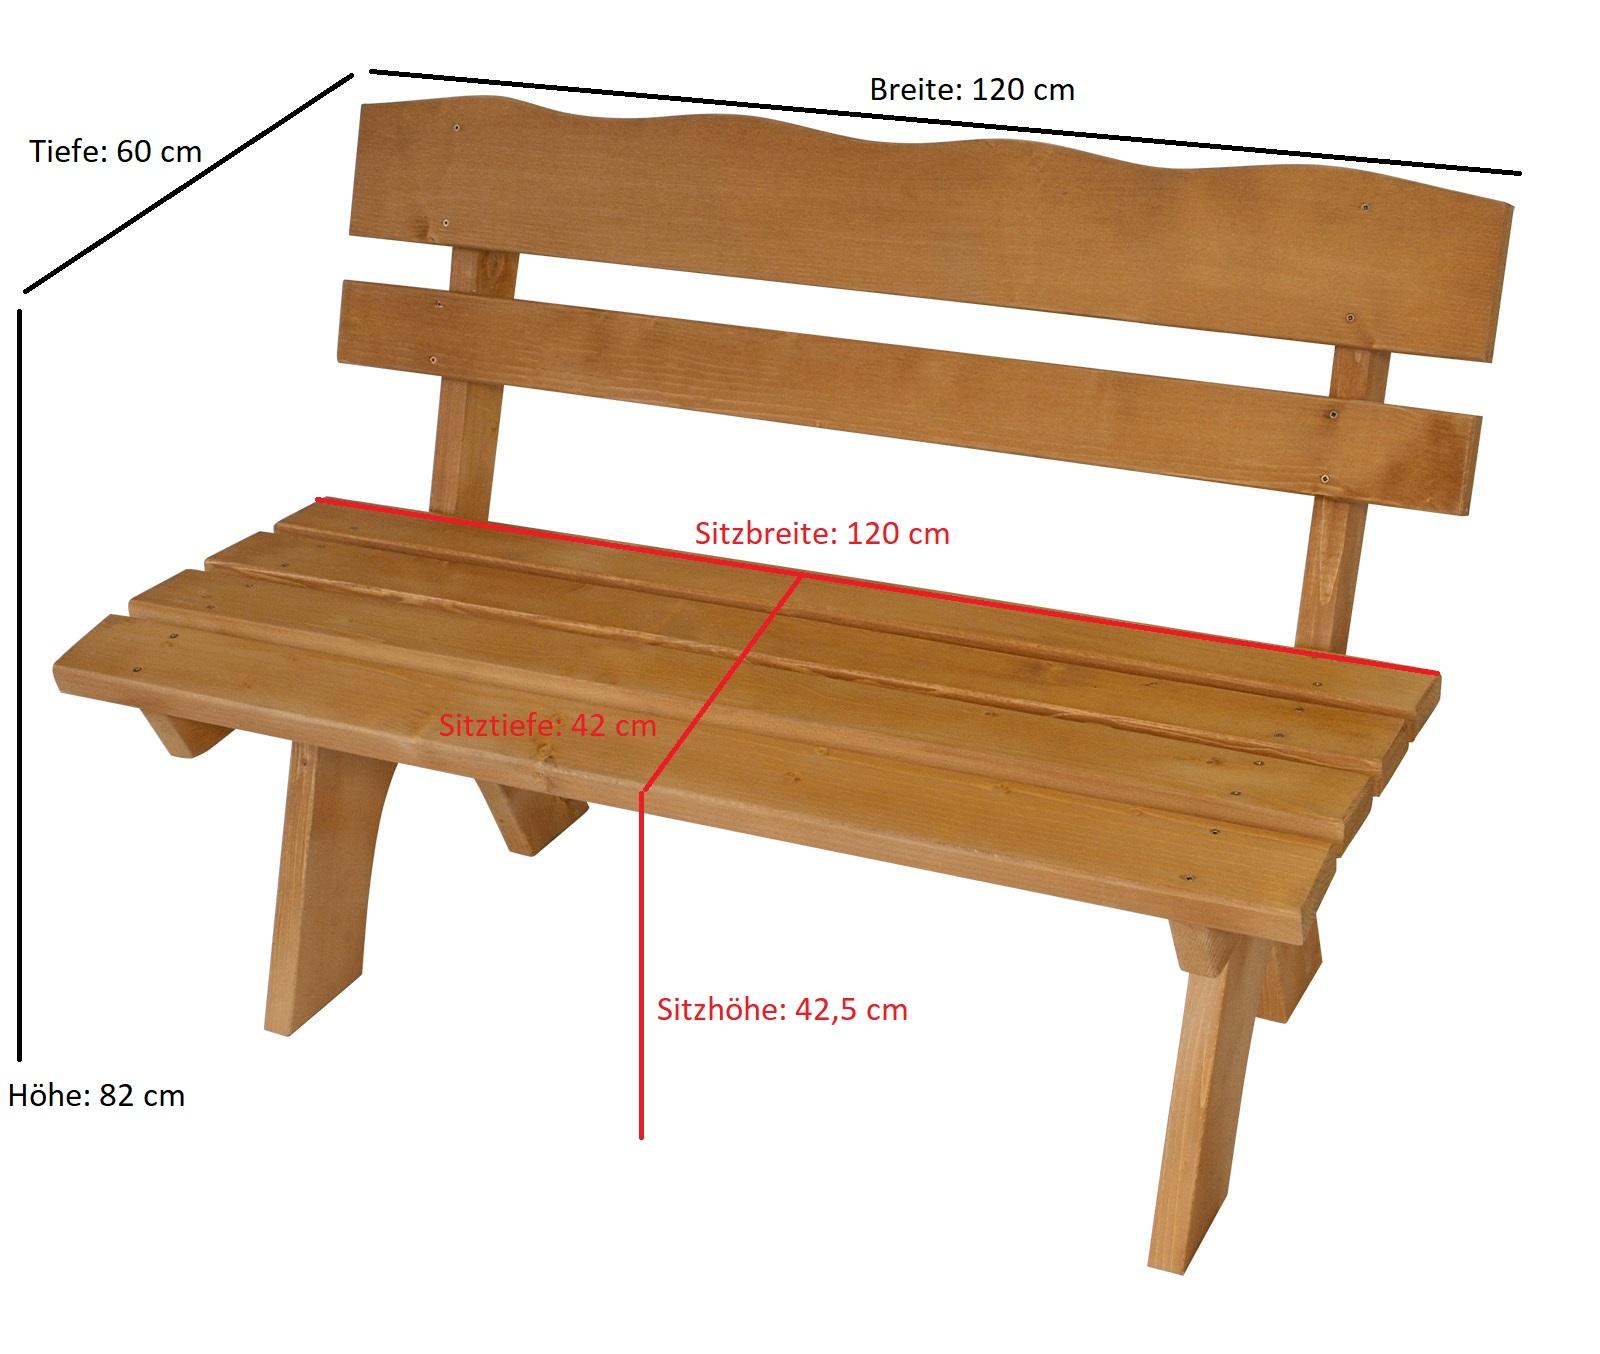 Garnitur FREITAL 3-teilig 120cm, Kiefer imprägniert